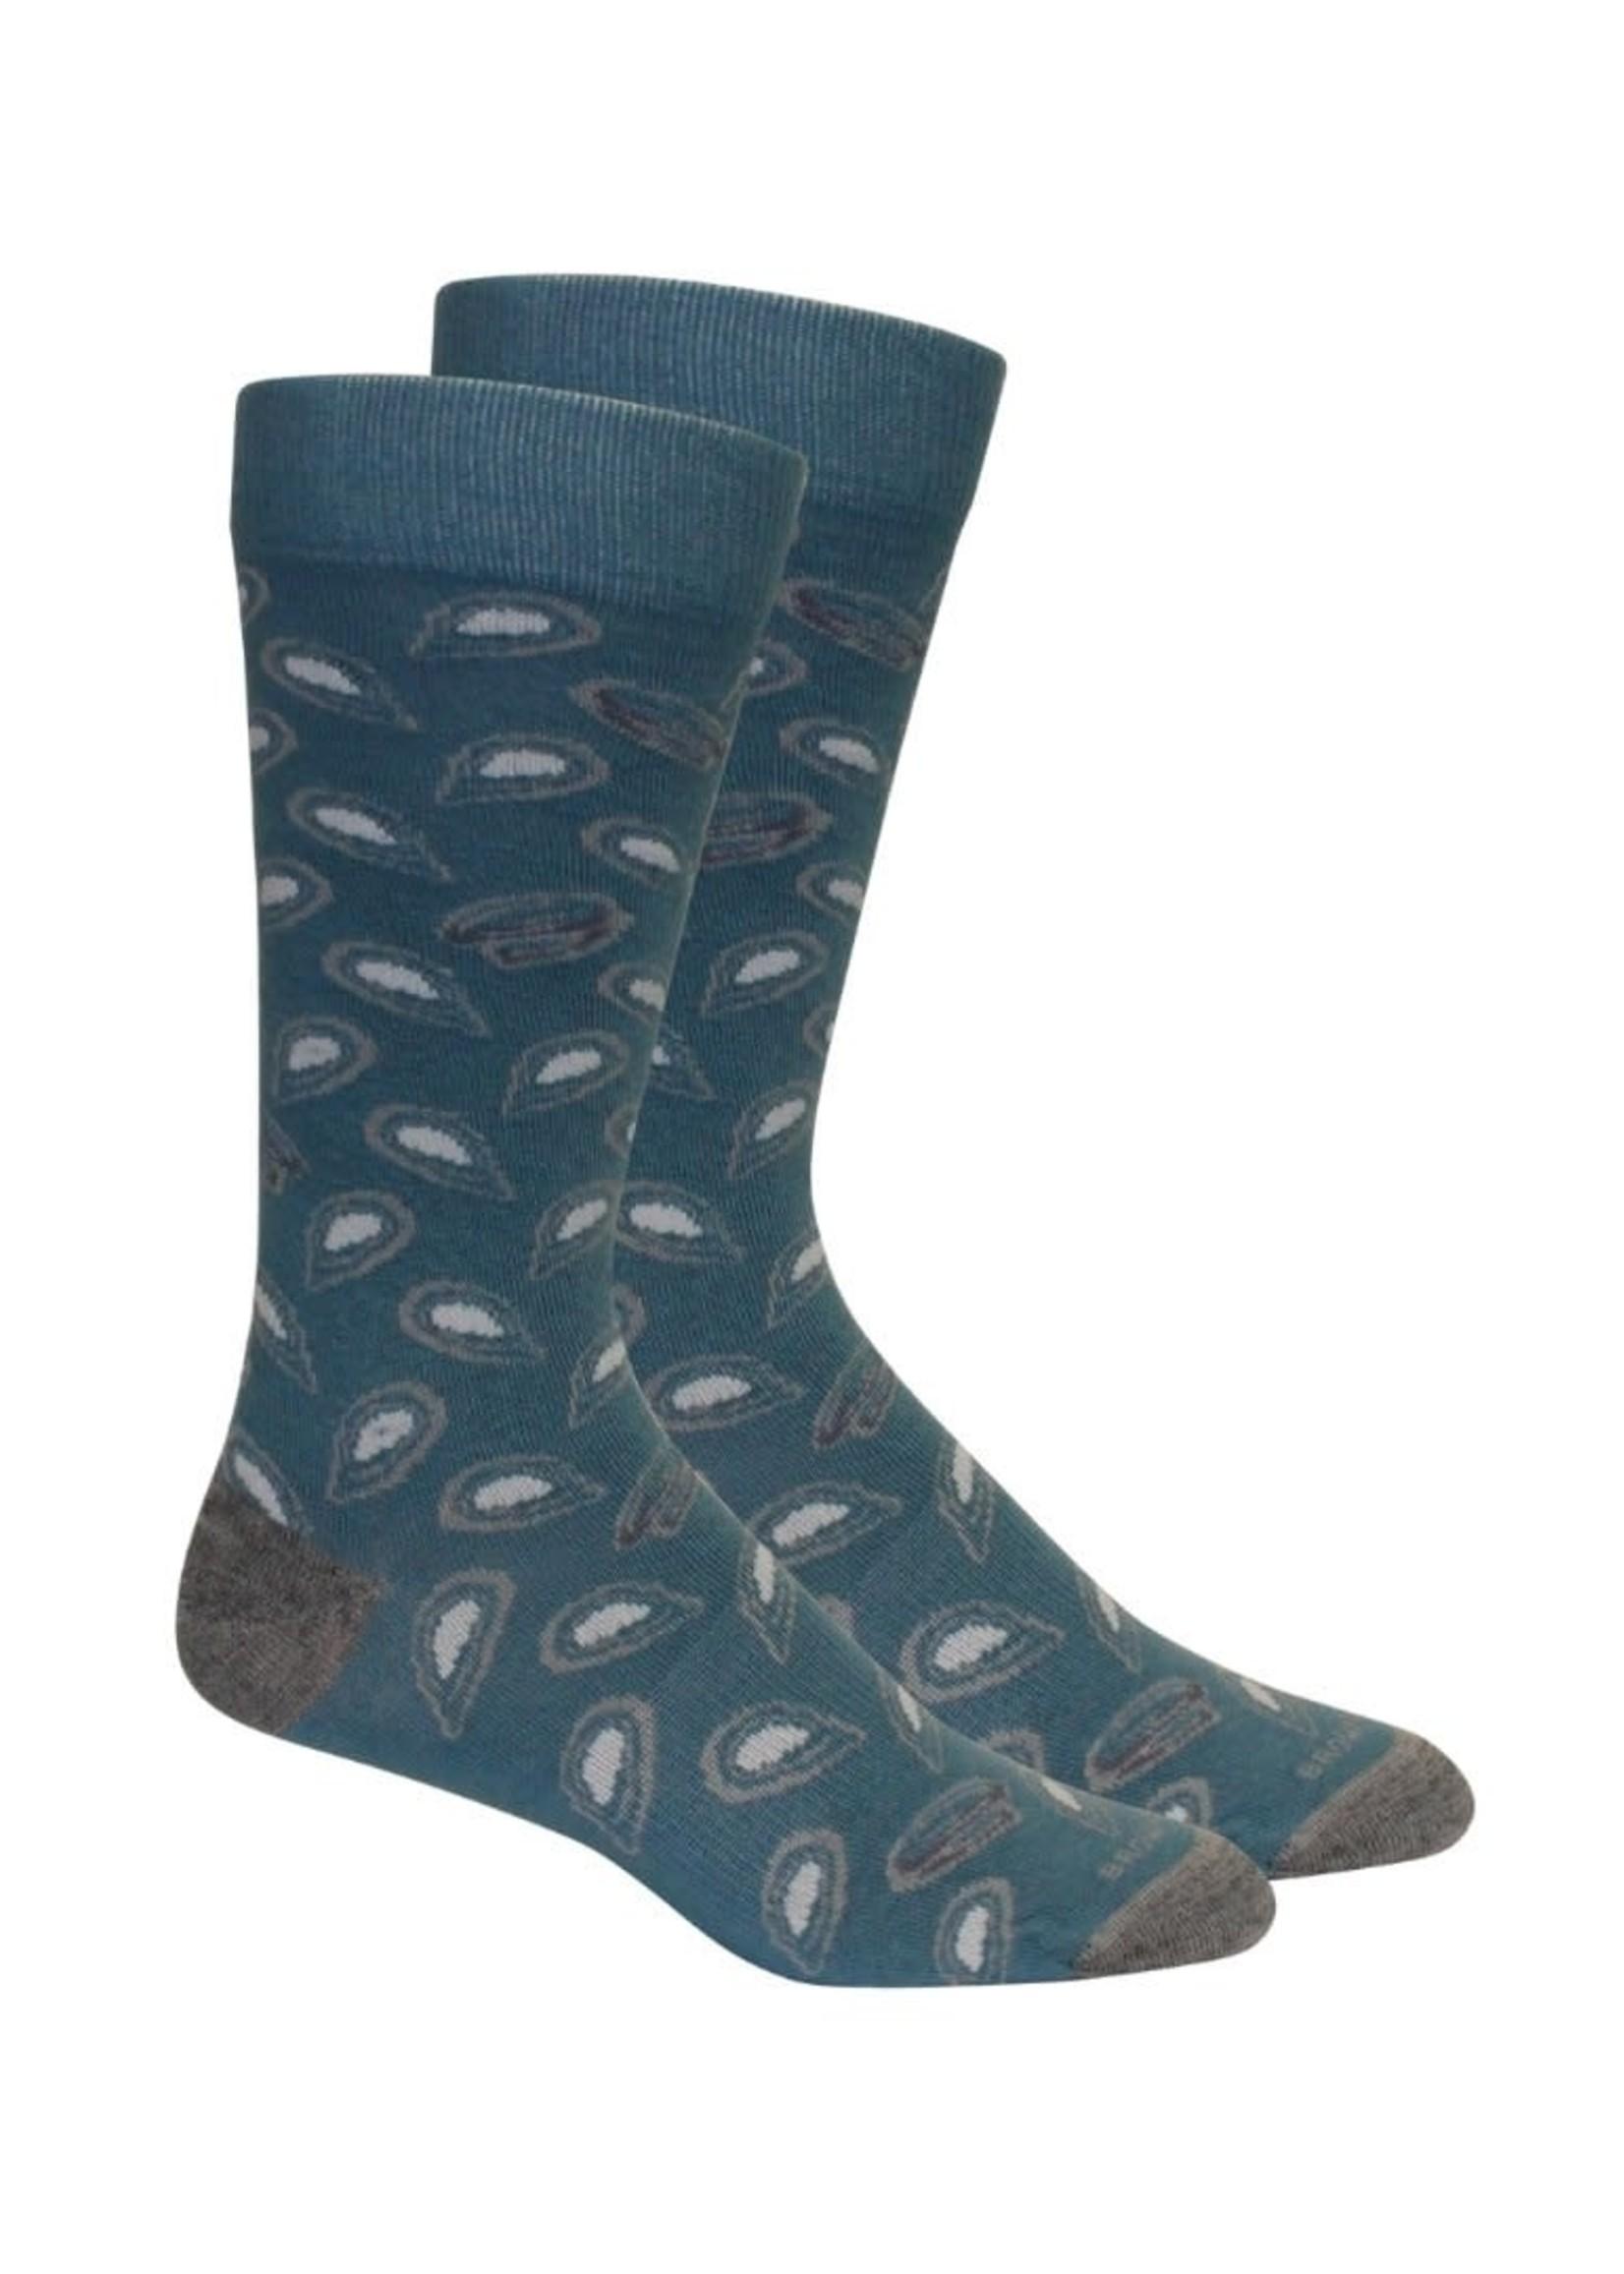 Shuckin- Bluestone Socks